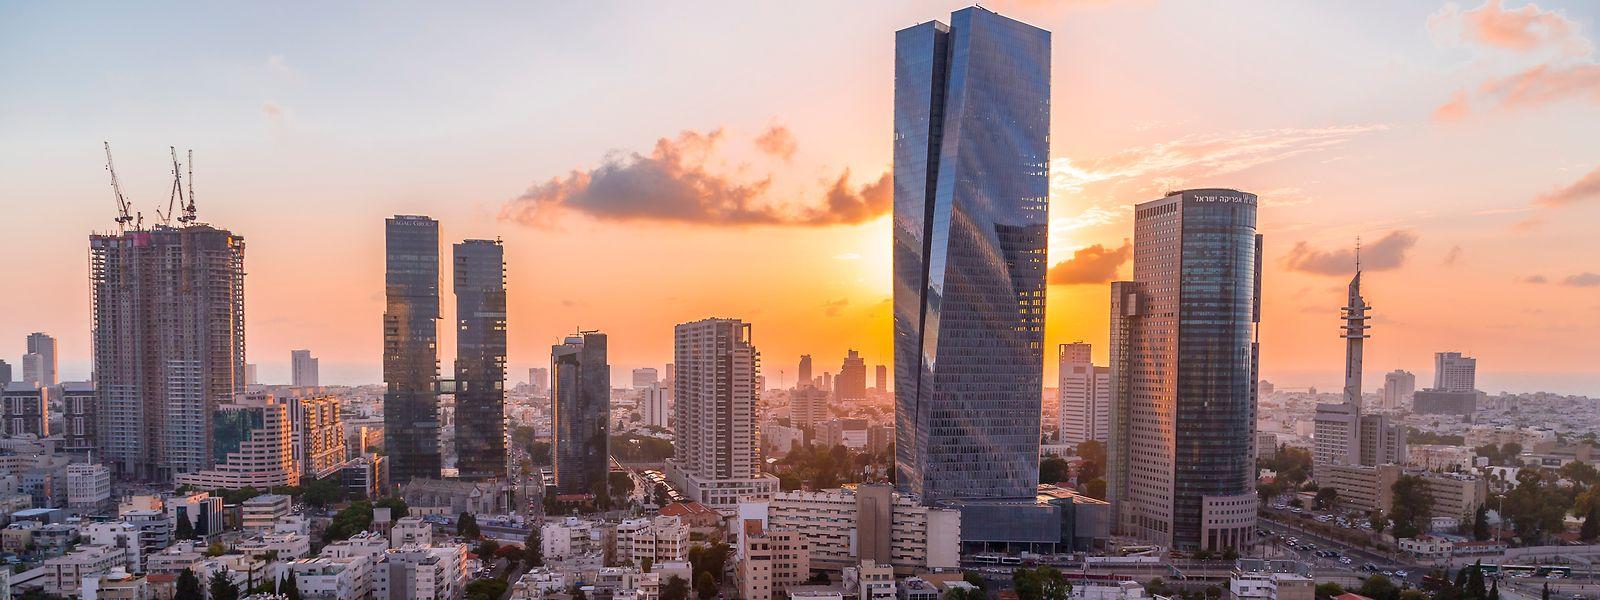 """In der letzten Januarwoche 2020 versammeln sich Cybersecurity-Experten auf der Konferenz """"Cybertechglobal"""" in Tel Aviv."""